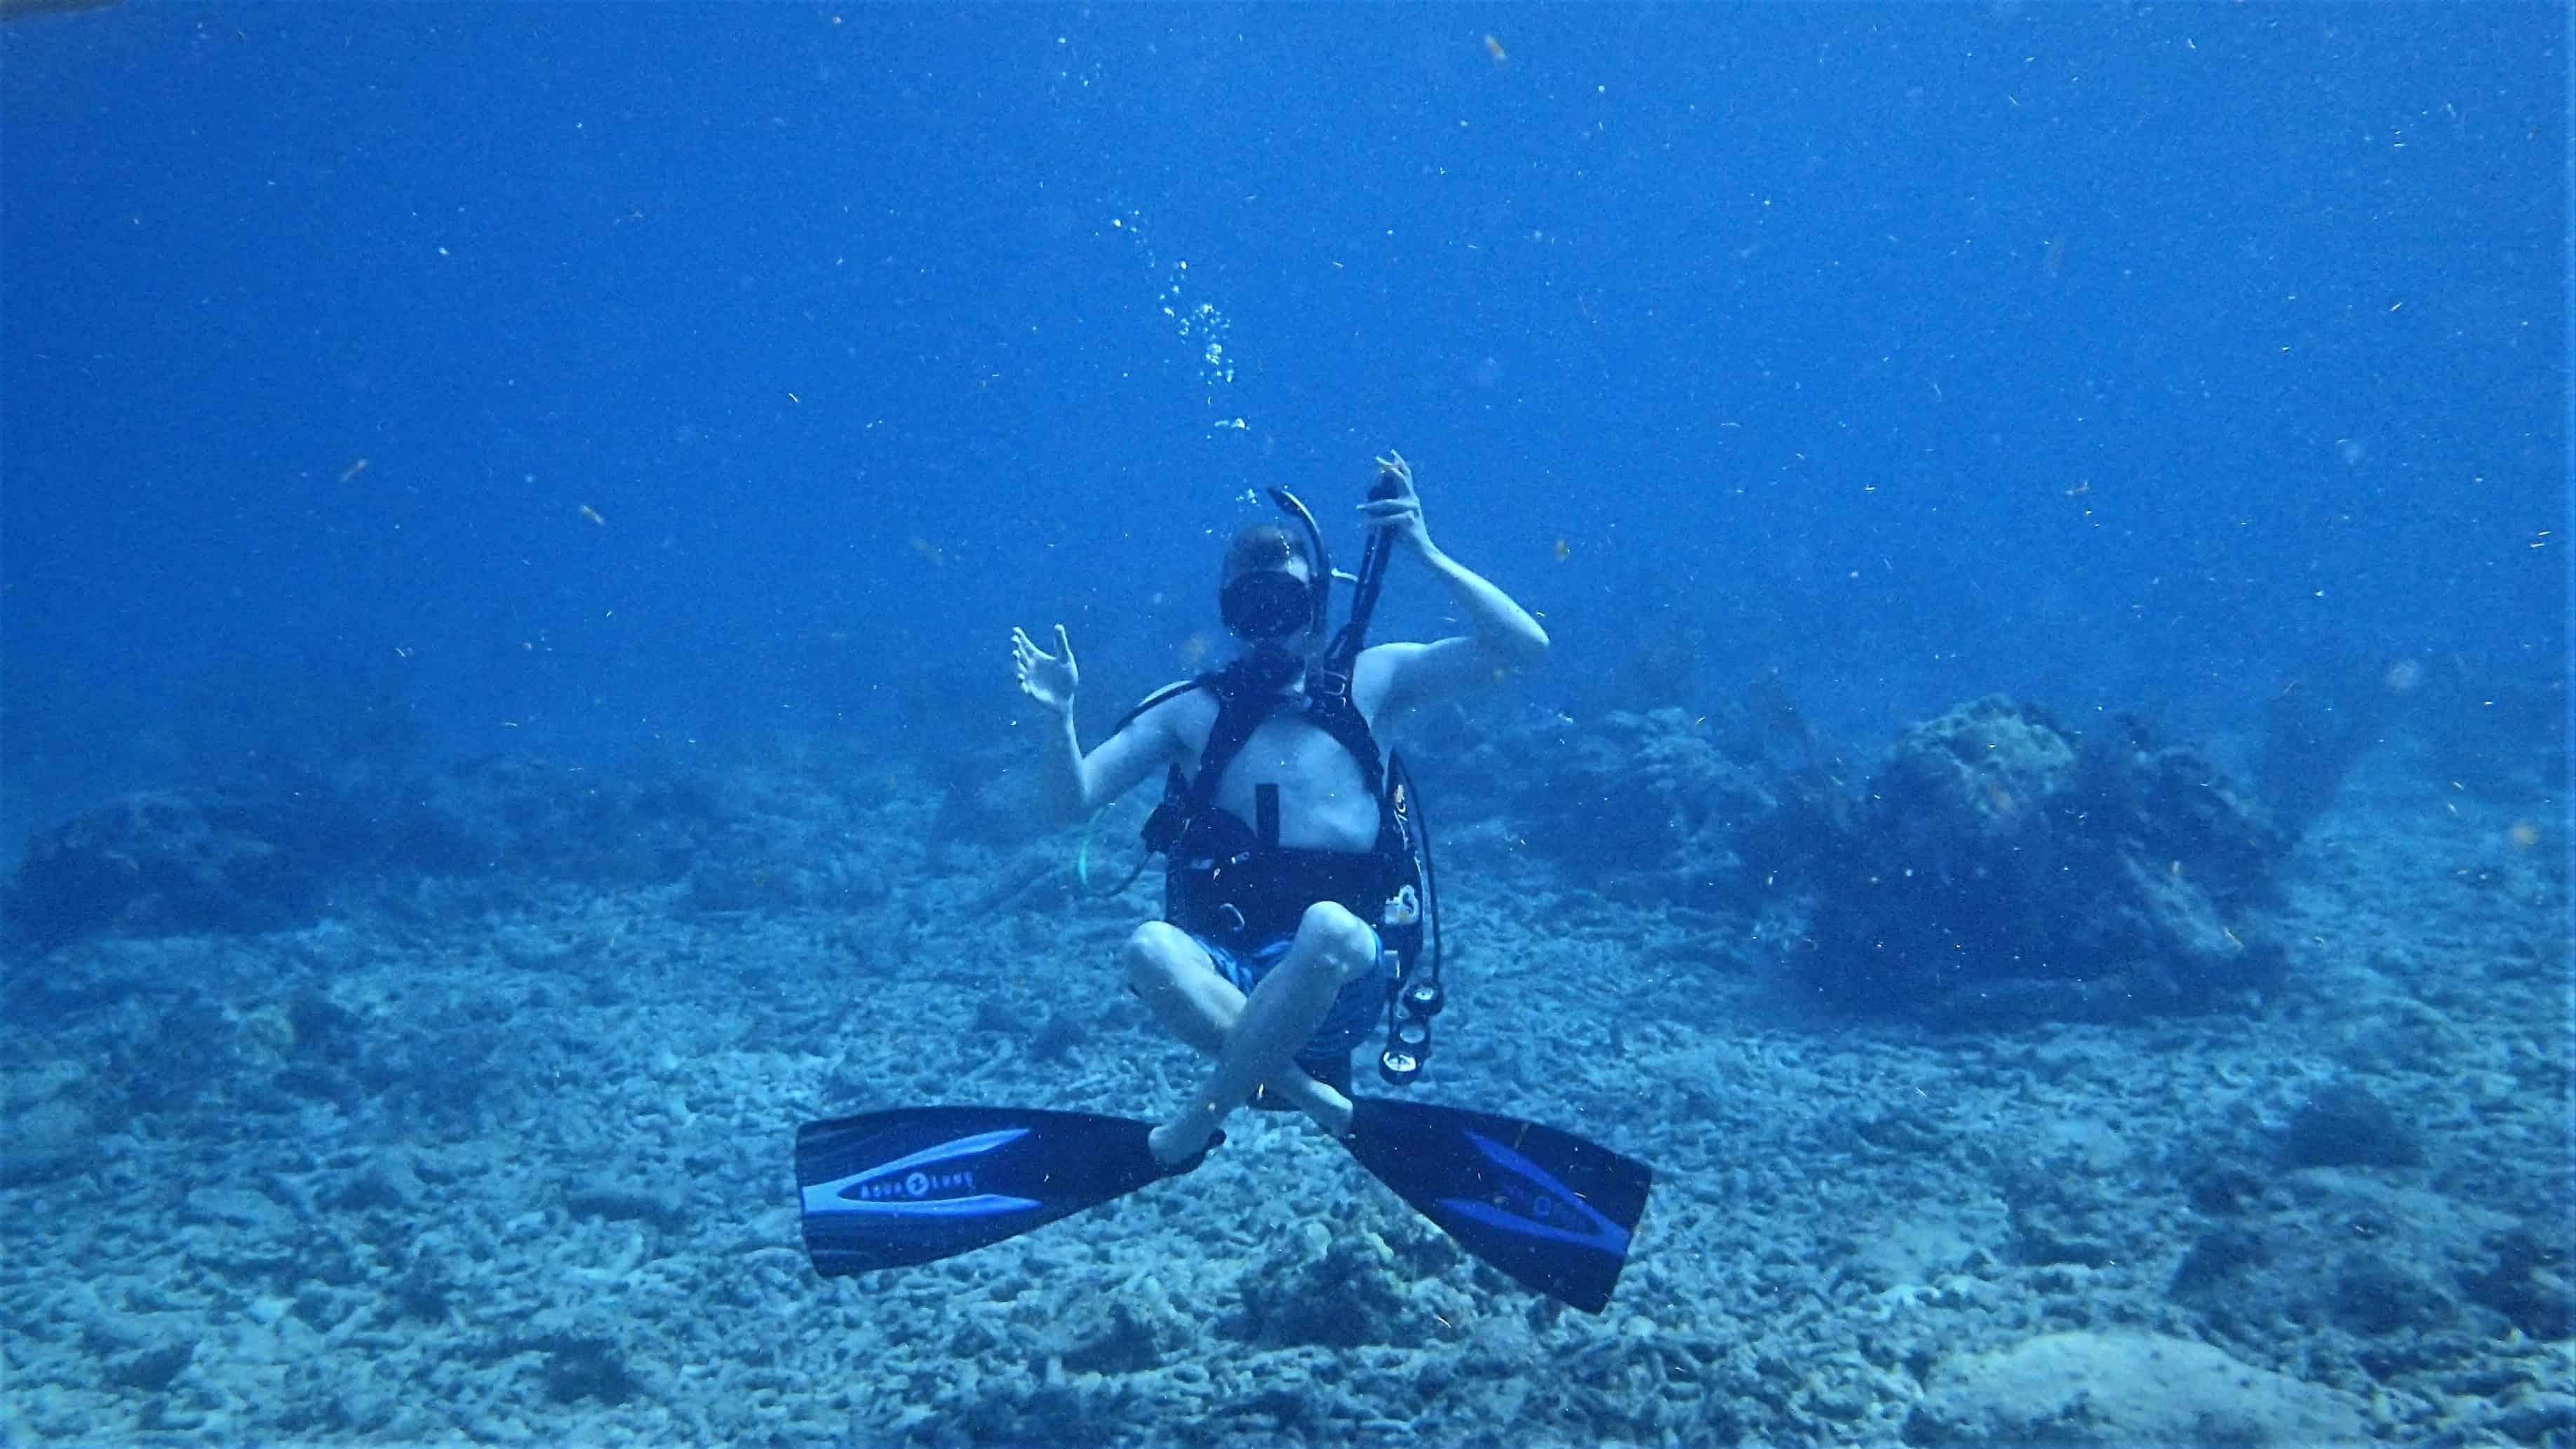 Imagem de nadador no fundo do mar com pé de pato.